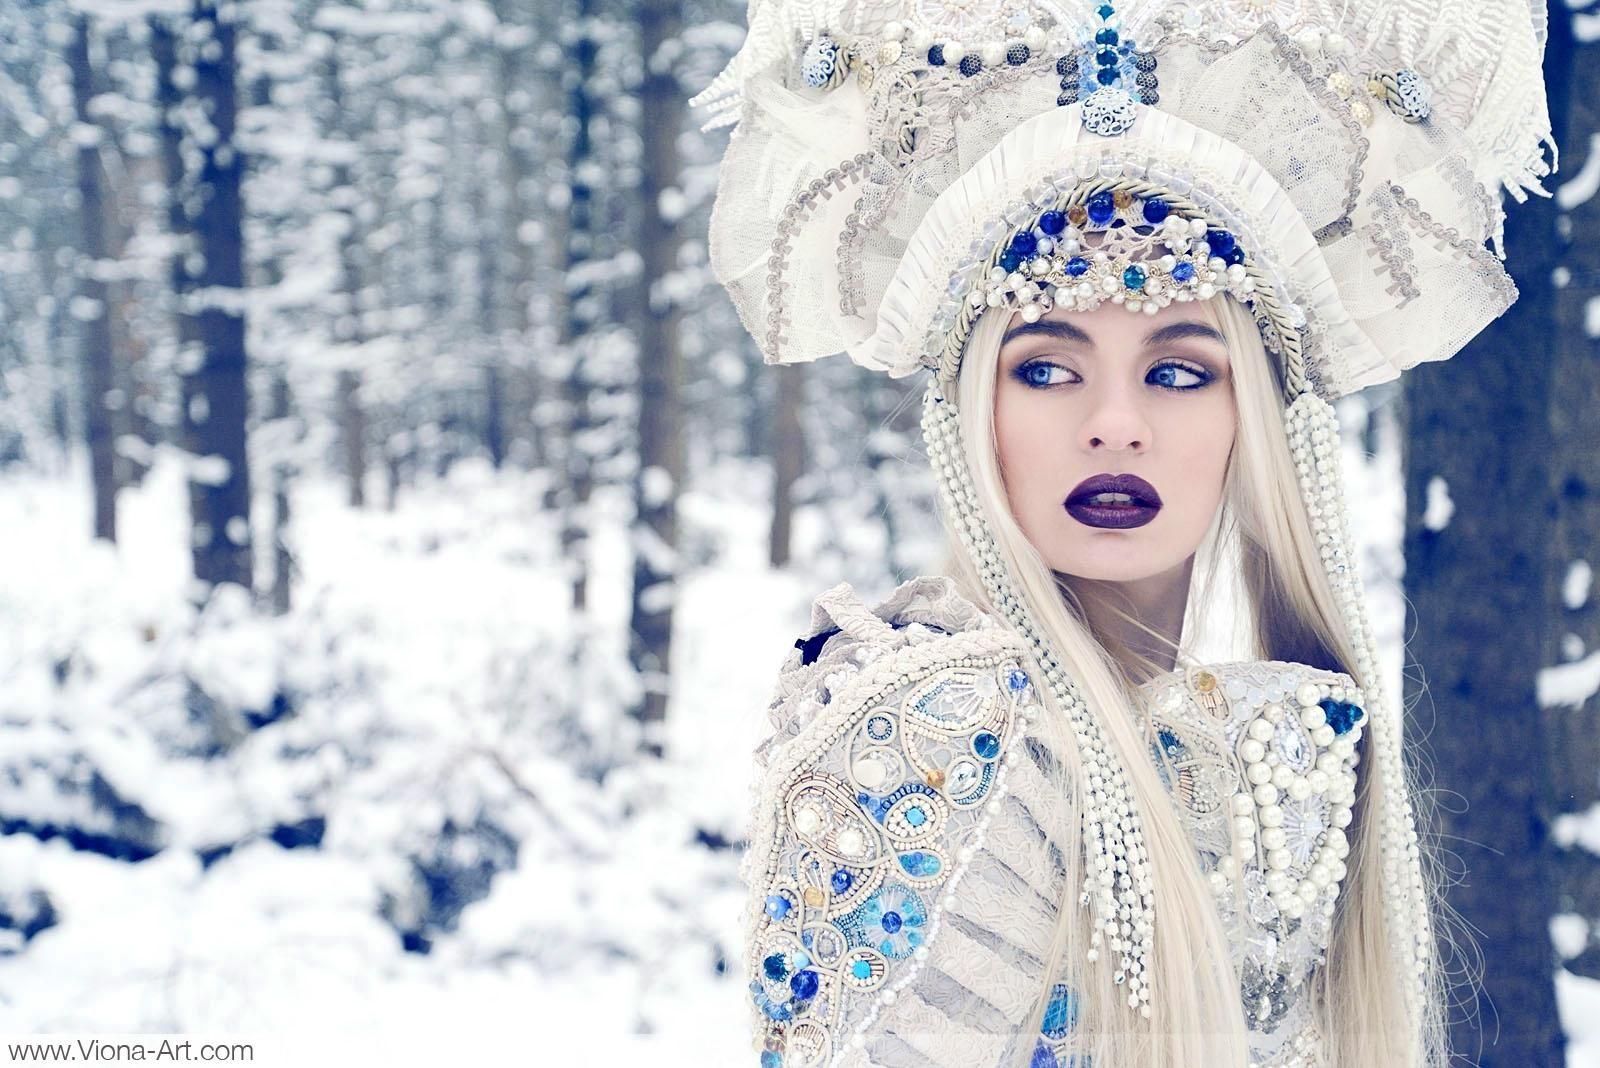 Фото снегурочки русской 13 фотография